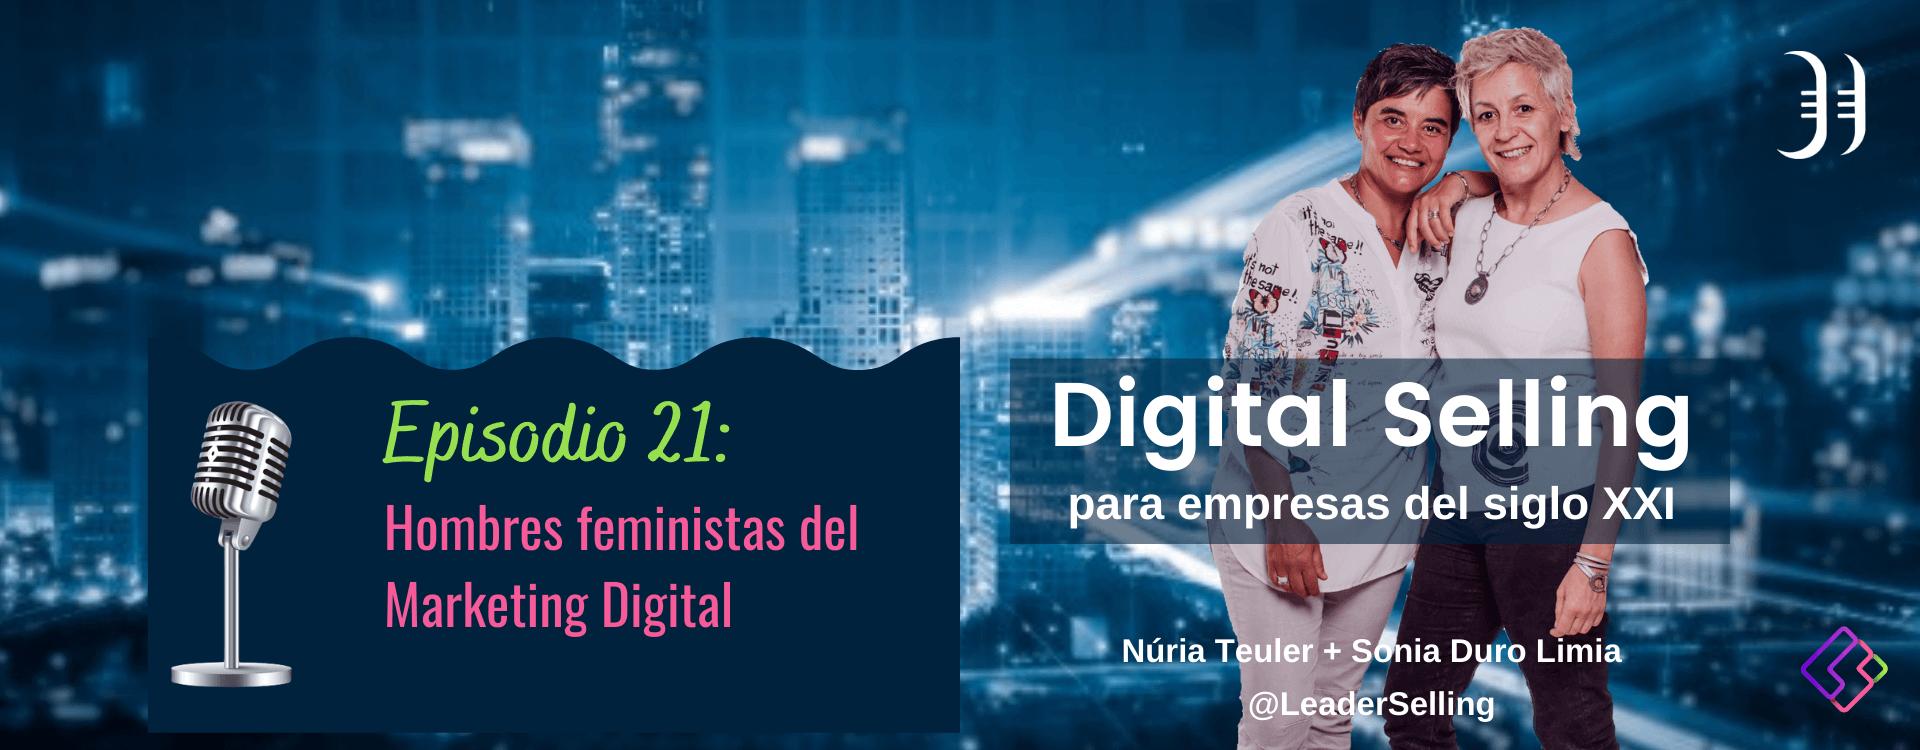 Episodio 21. Hombres feministas del Marketing Digital